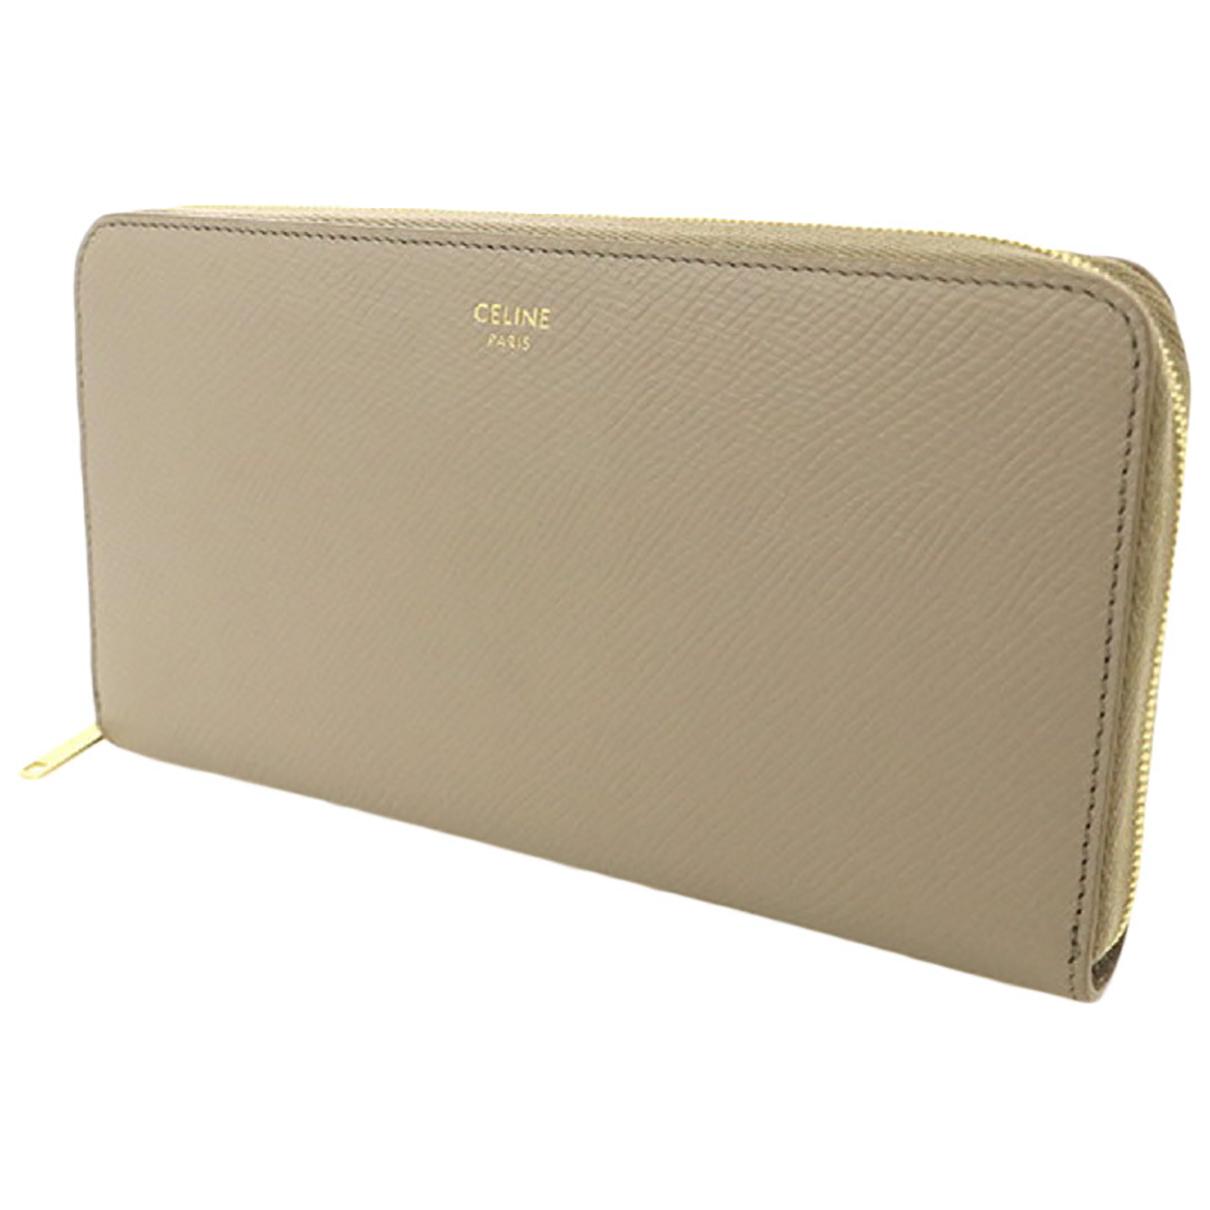 Celine N Leather wallet for Women N